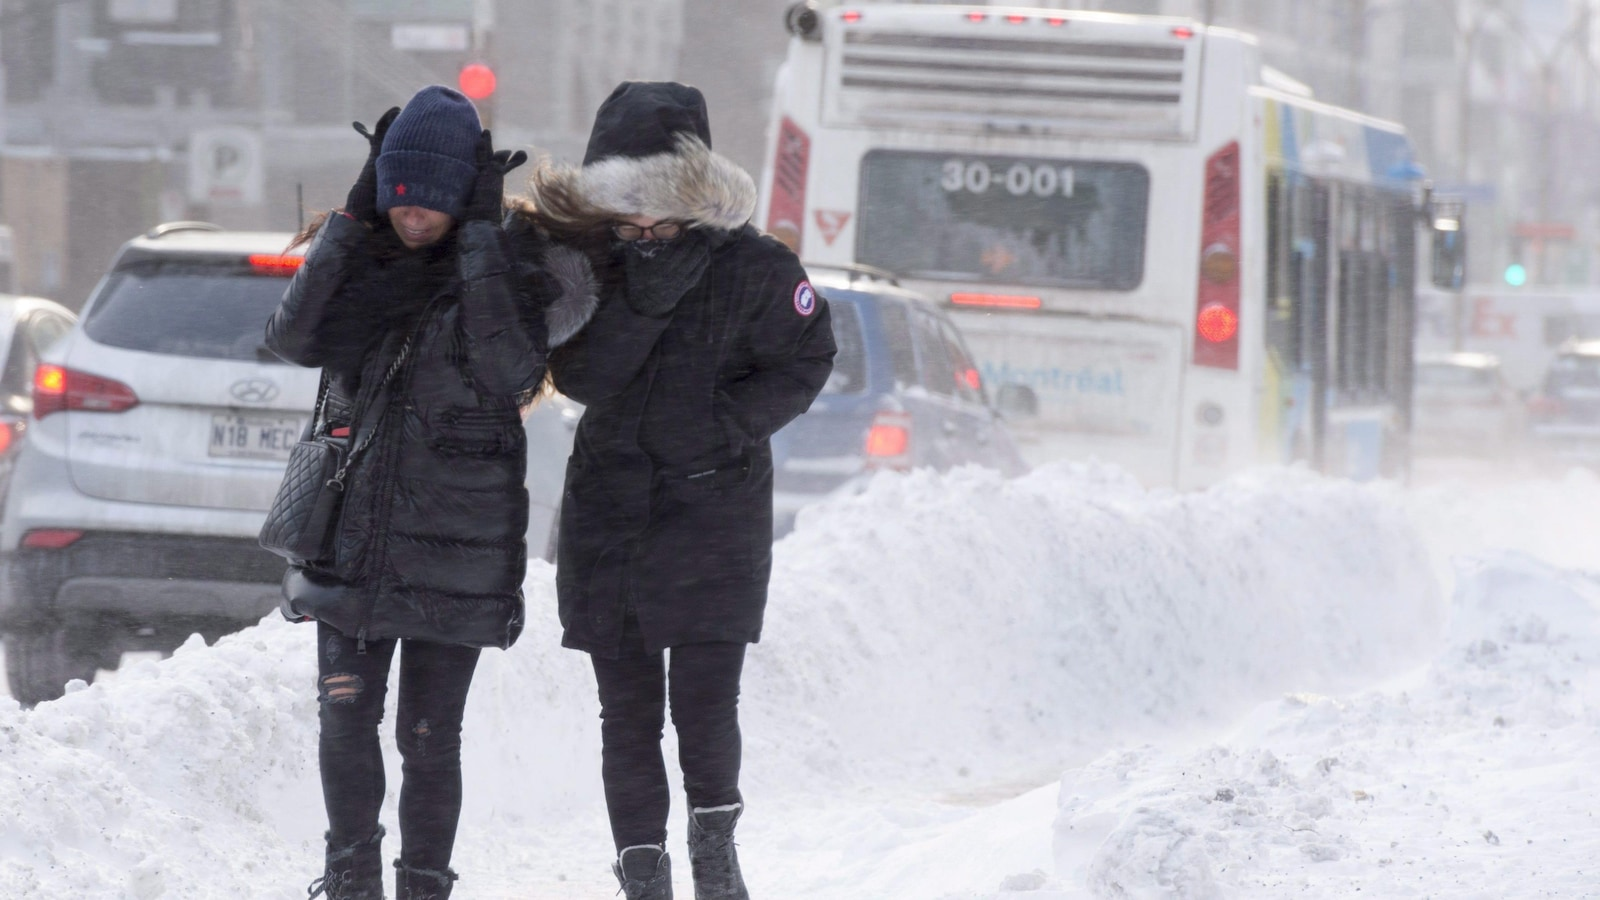 Deux personnes marchent sur un trottoir enneigé et se protègent du vent glacial. Elles sont lourdement habillées.